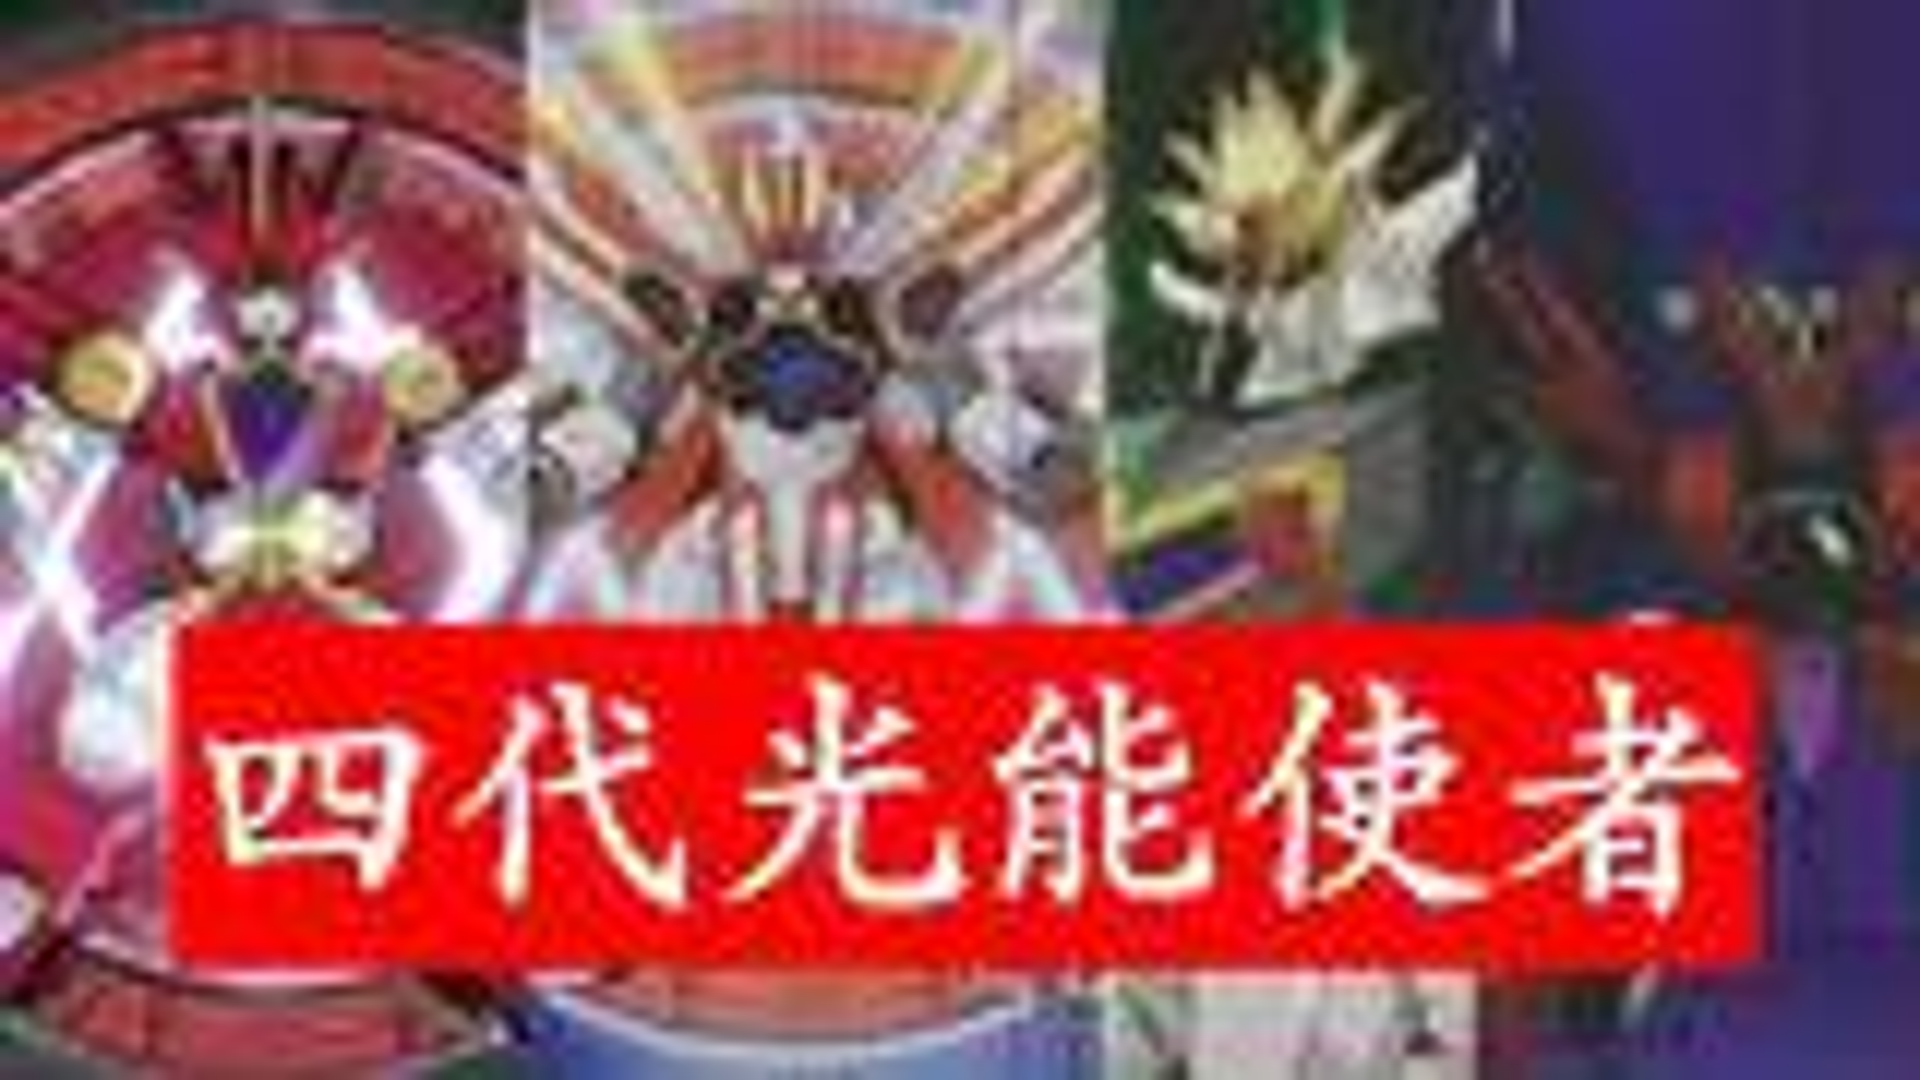 28年前光能使者最后一部OVA《冒险篇》,四代魔动王全部集齐!